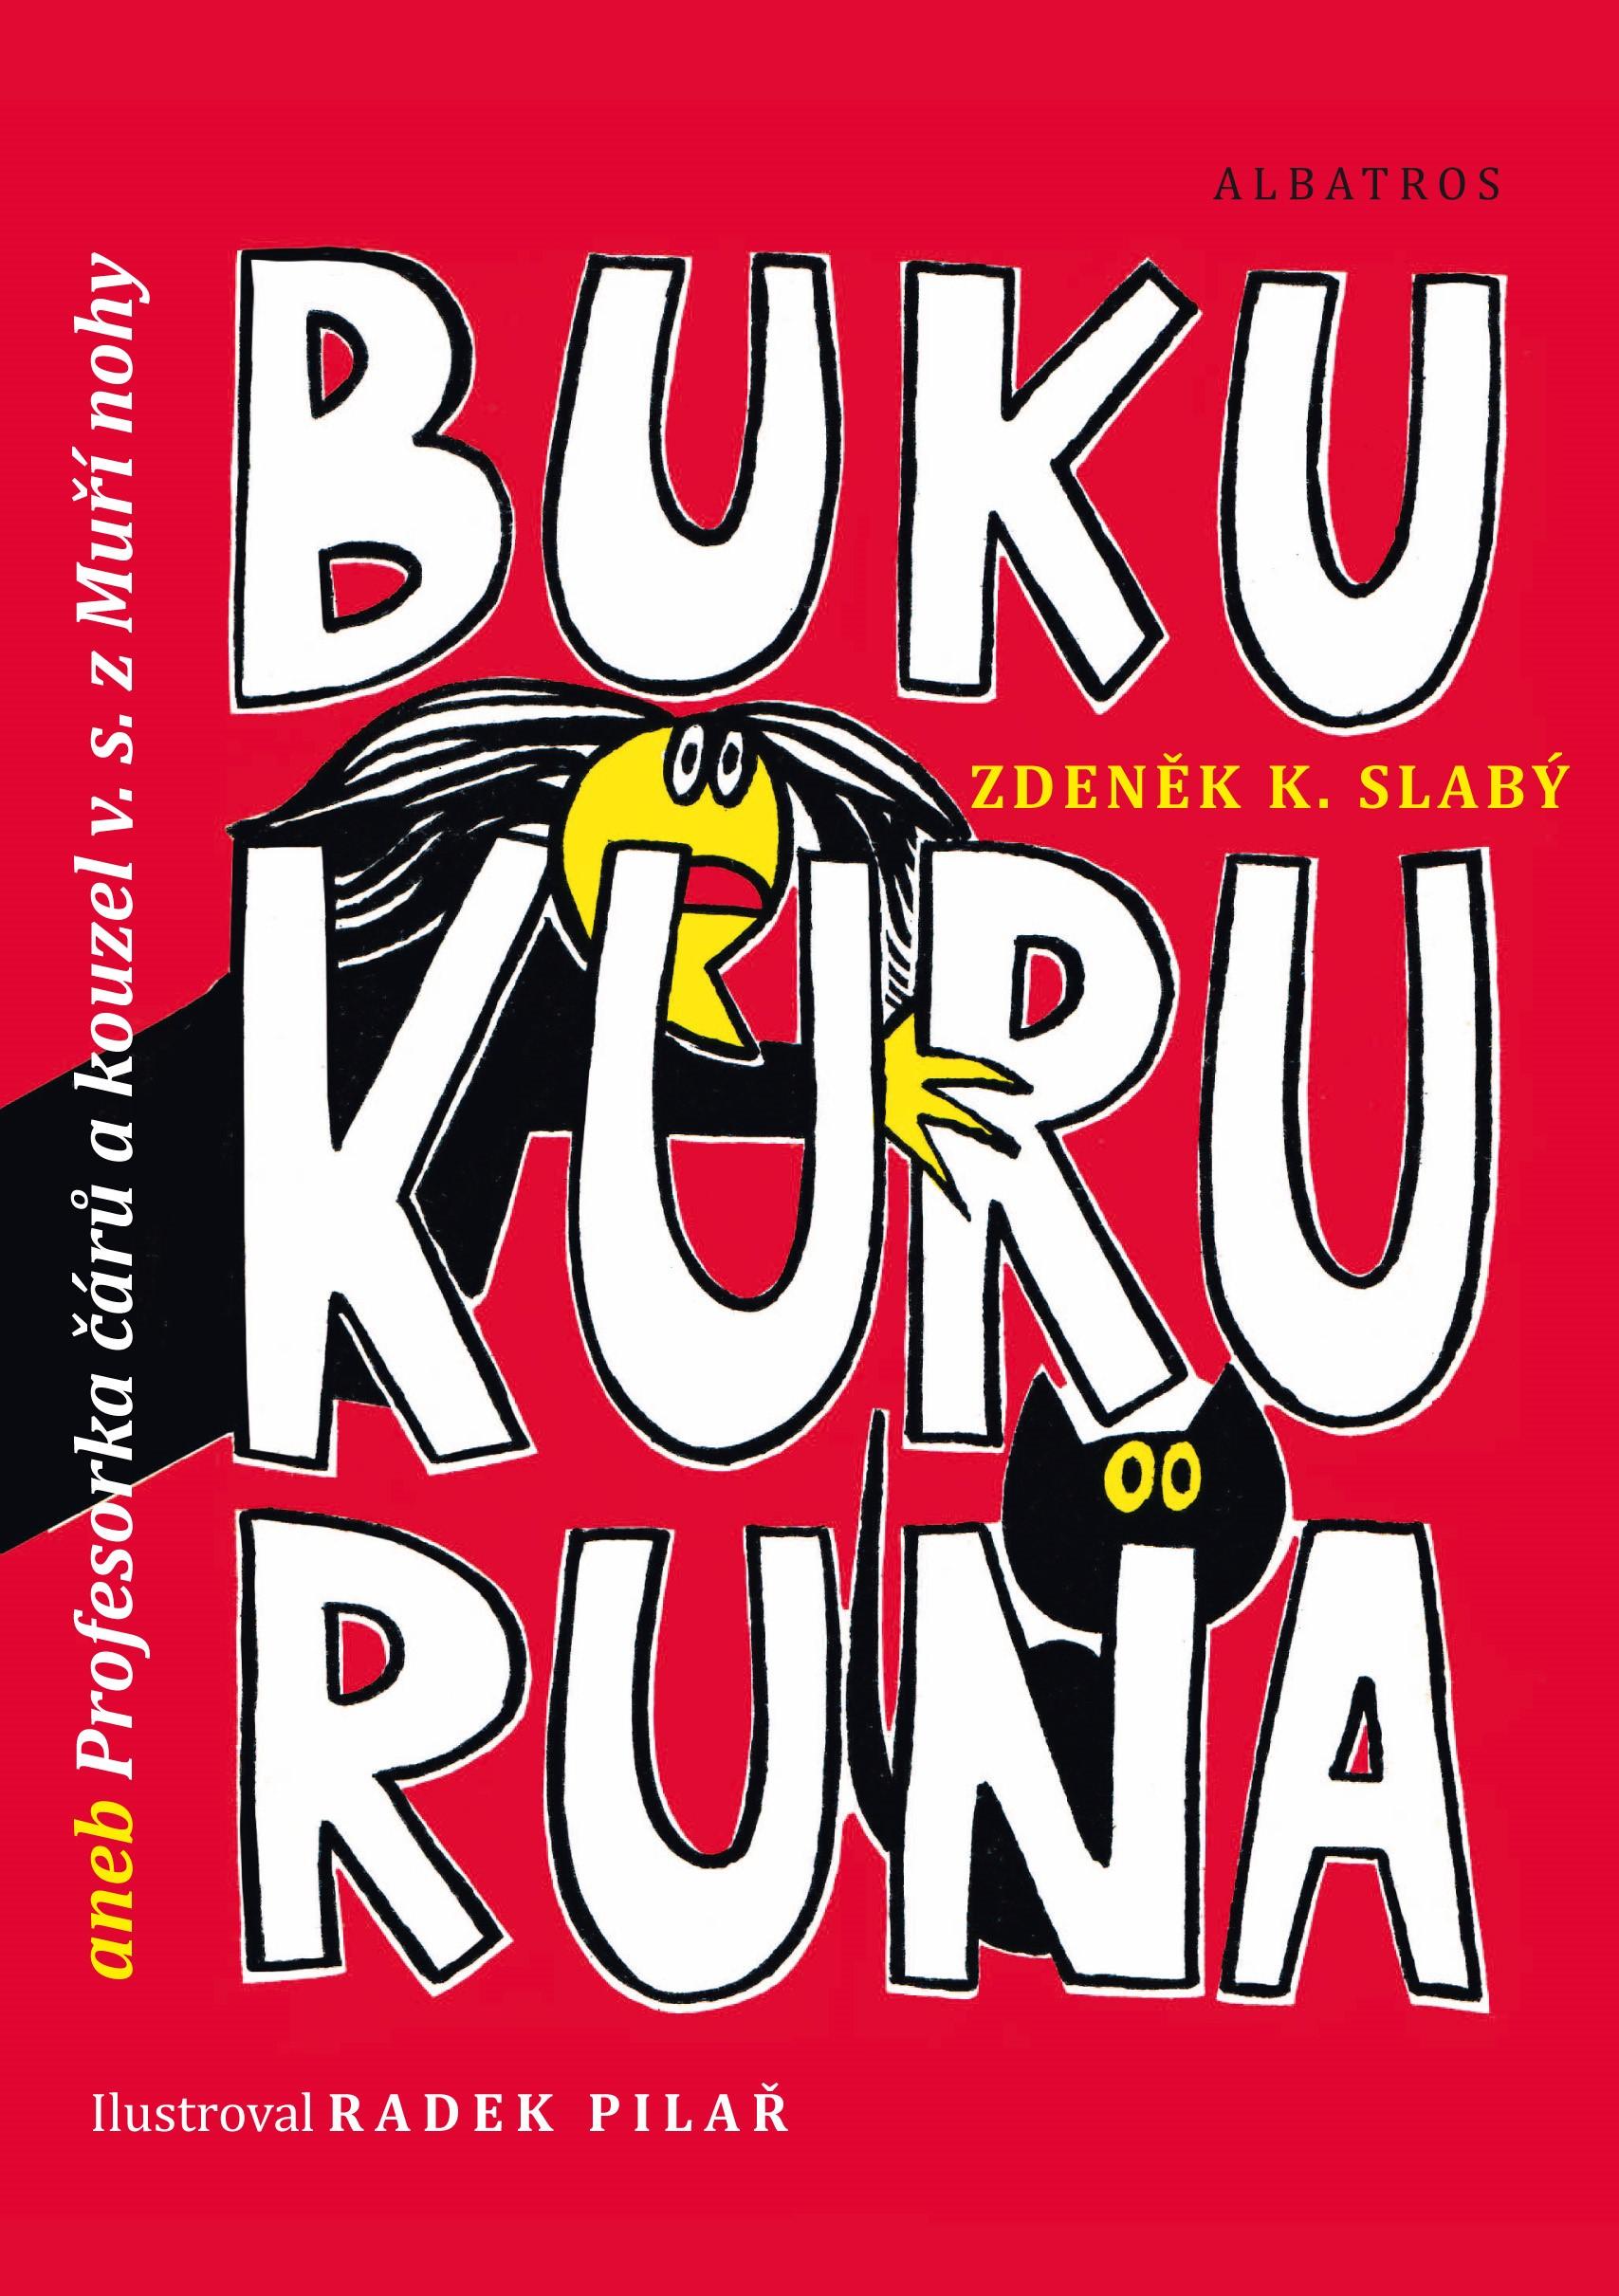 BUKUKURURUNA